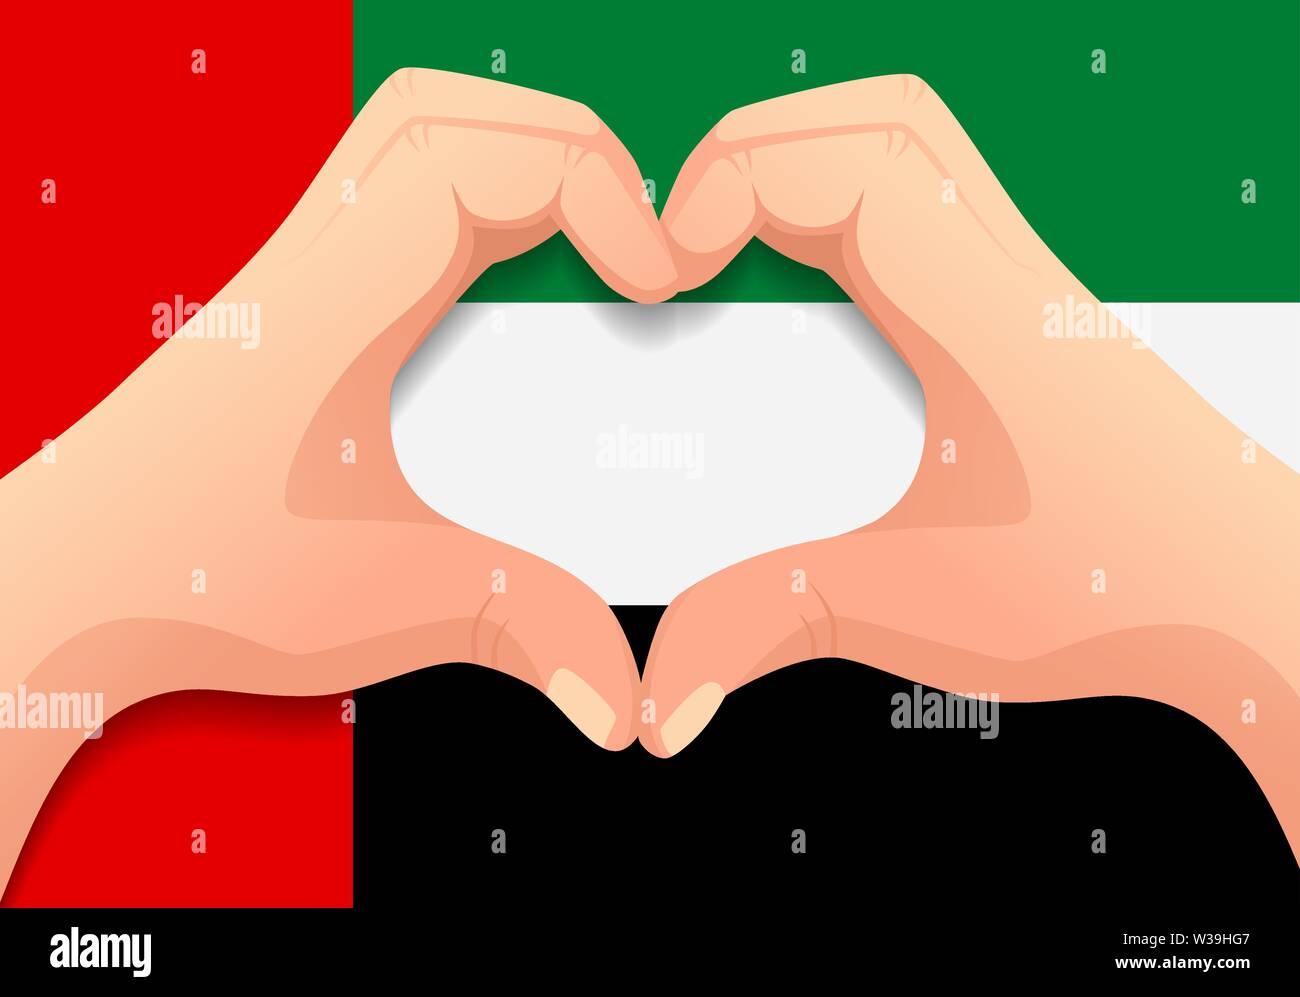 Vereinigte Arabische Emirate Fahne und Hand Herz Form. Patriotischen Hintergrund. Die Flagge der Vereinigten Arabischen Vector Illustration Stockbild